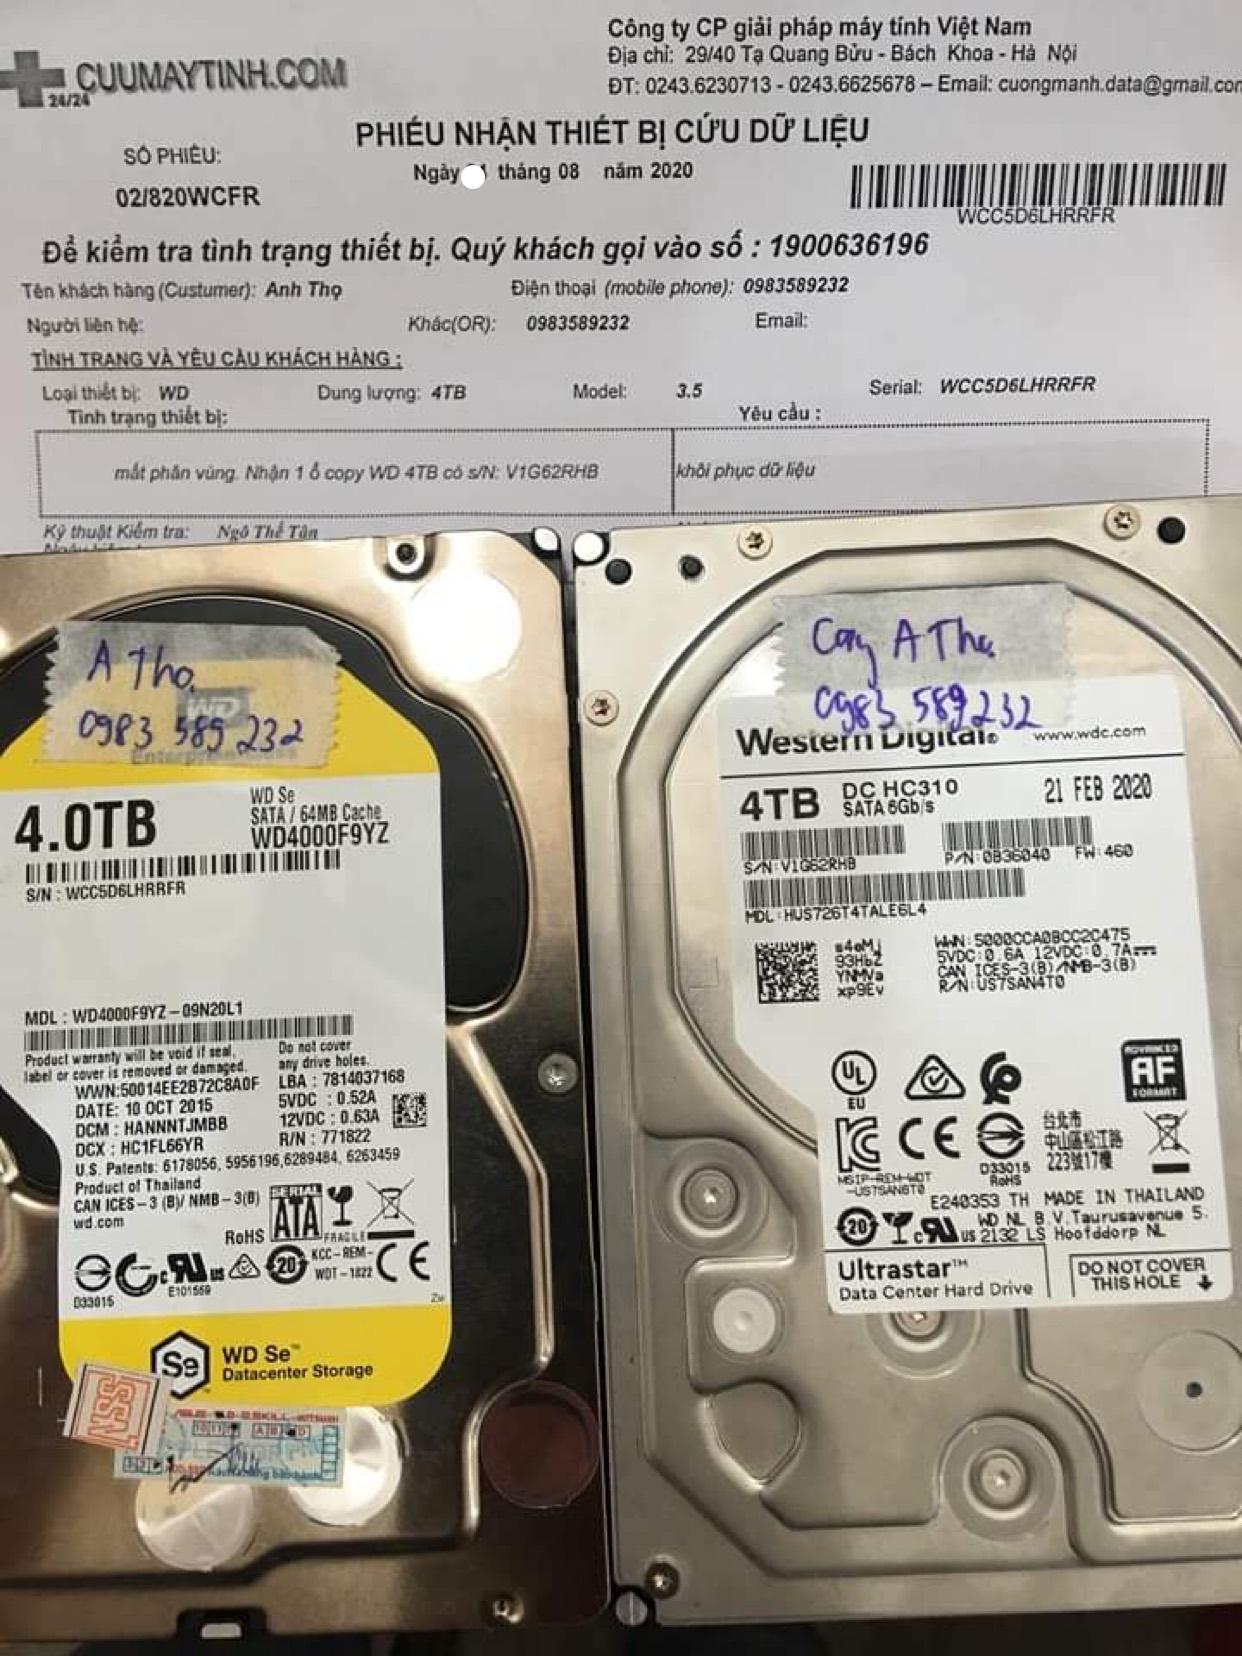 Phục hồi dữ liệu ổ cứng Western 4TB mất phân vùng 28/08/2020 - cuumaytinh